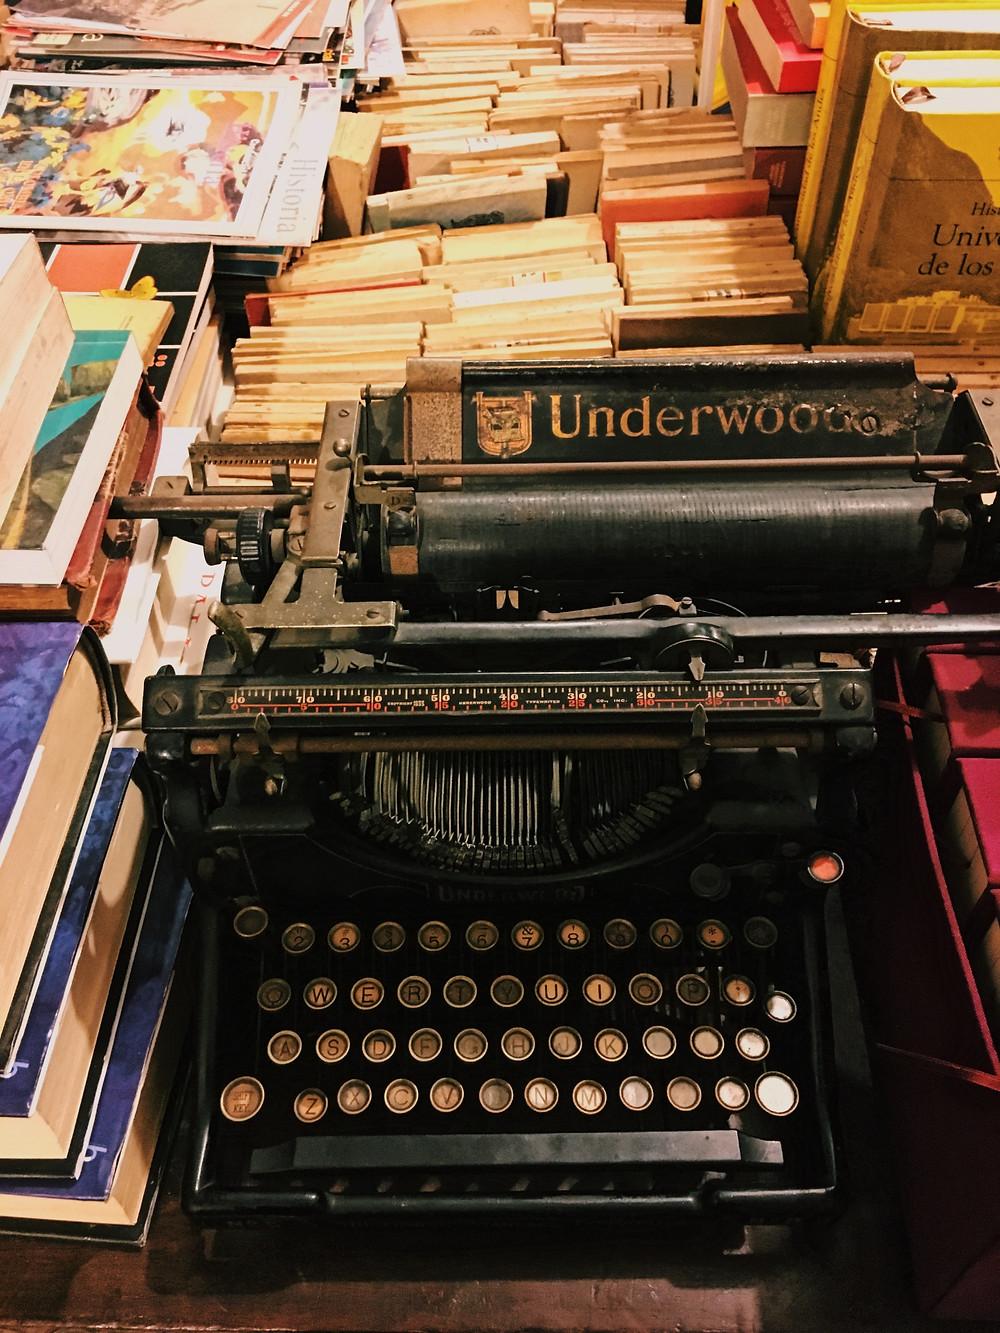 FOTO: Máquina de escribir en el segundo piso de la librería